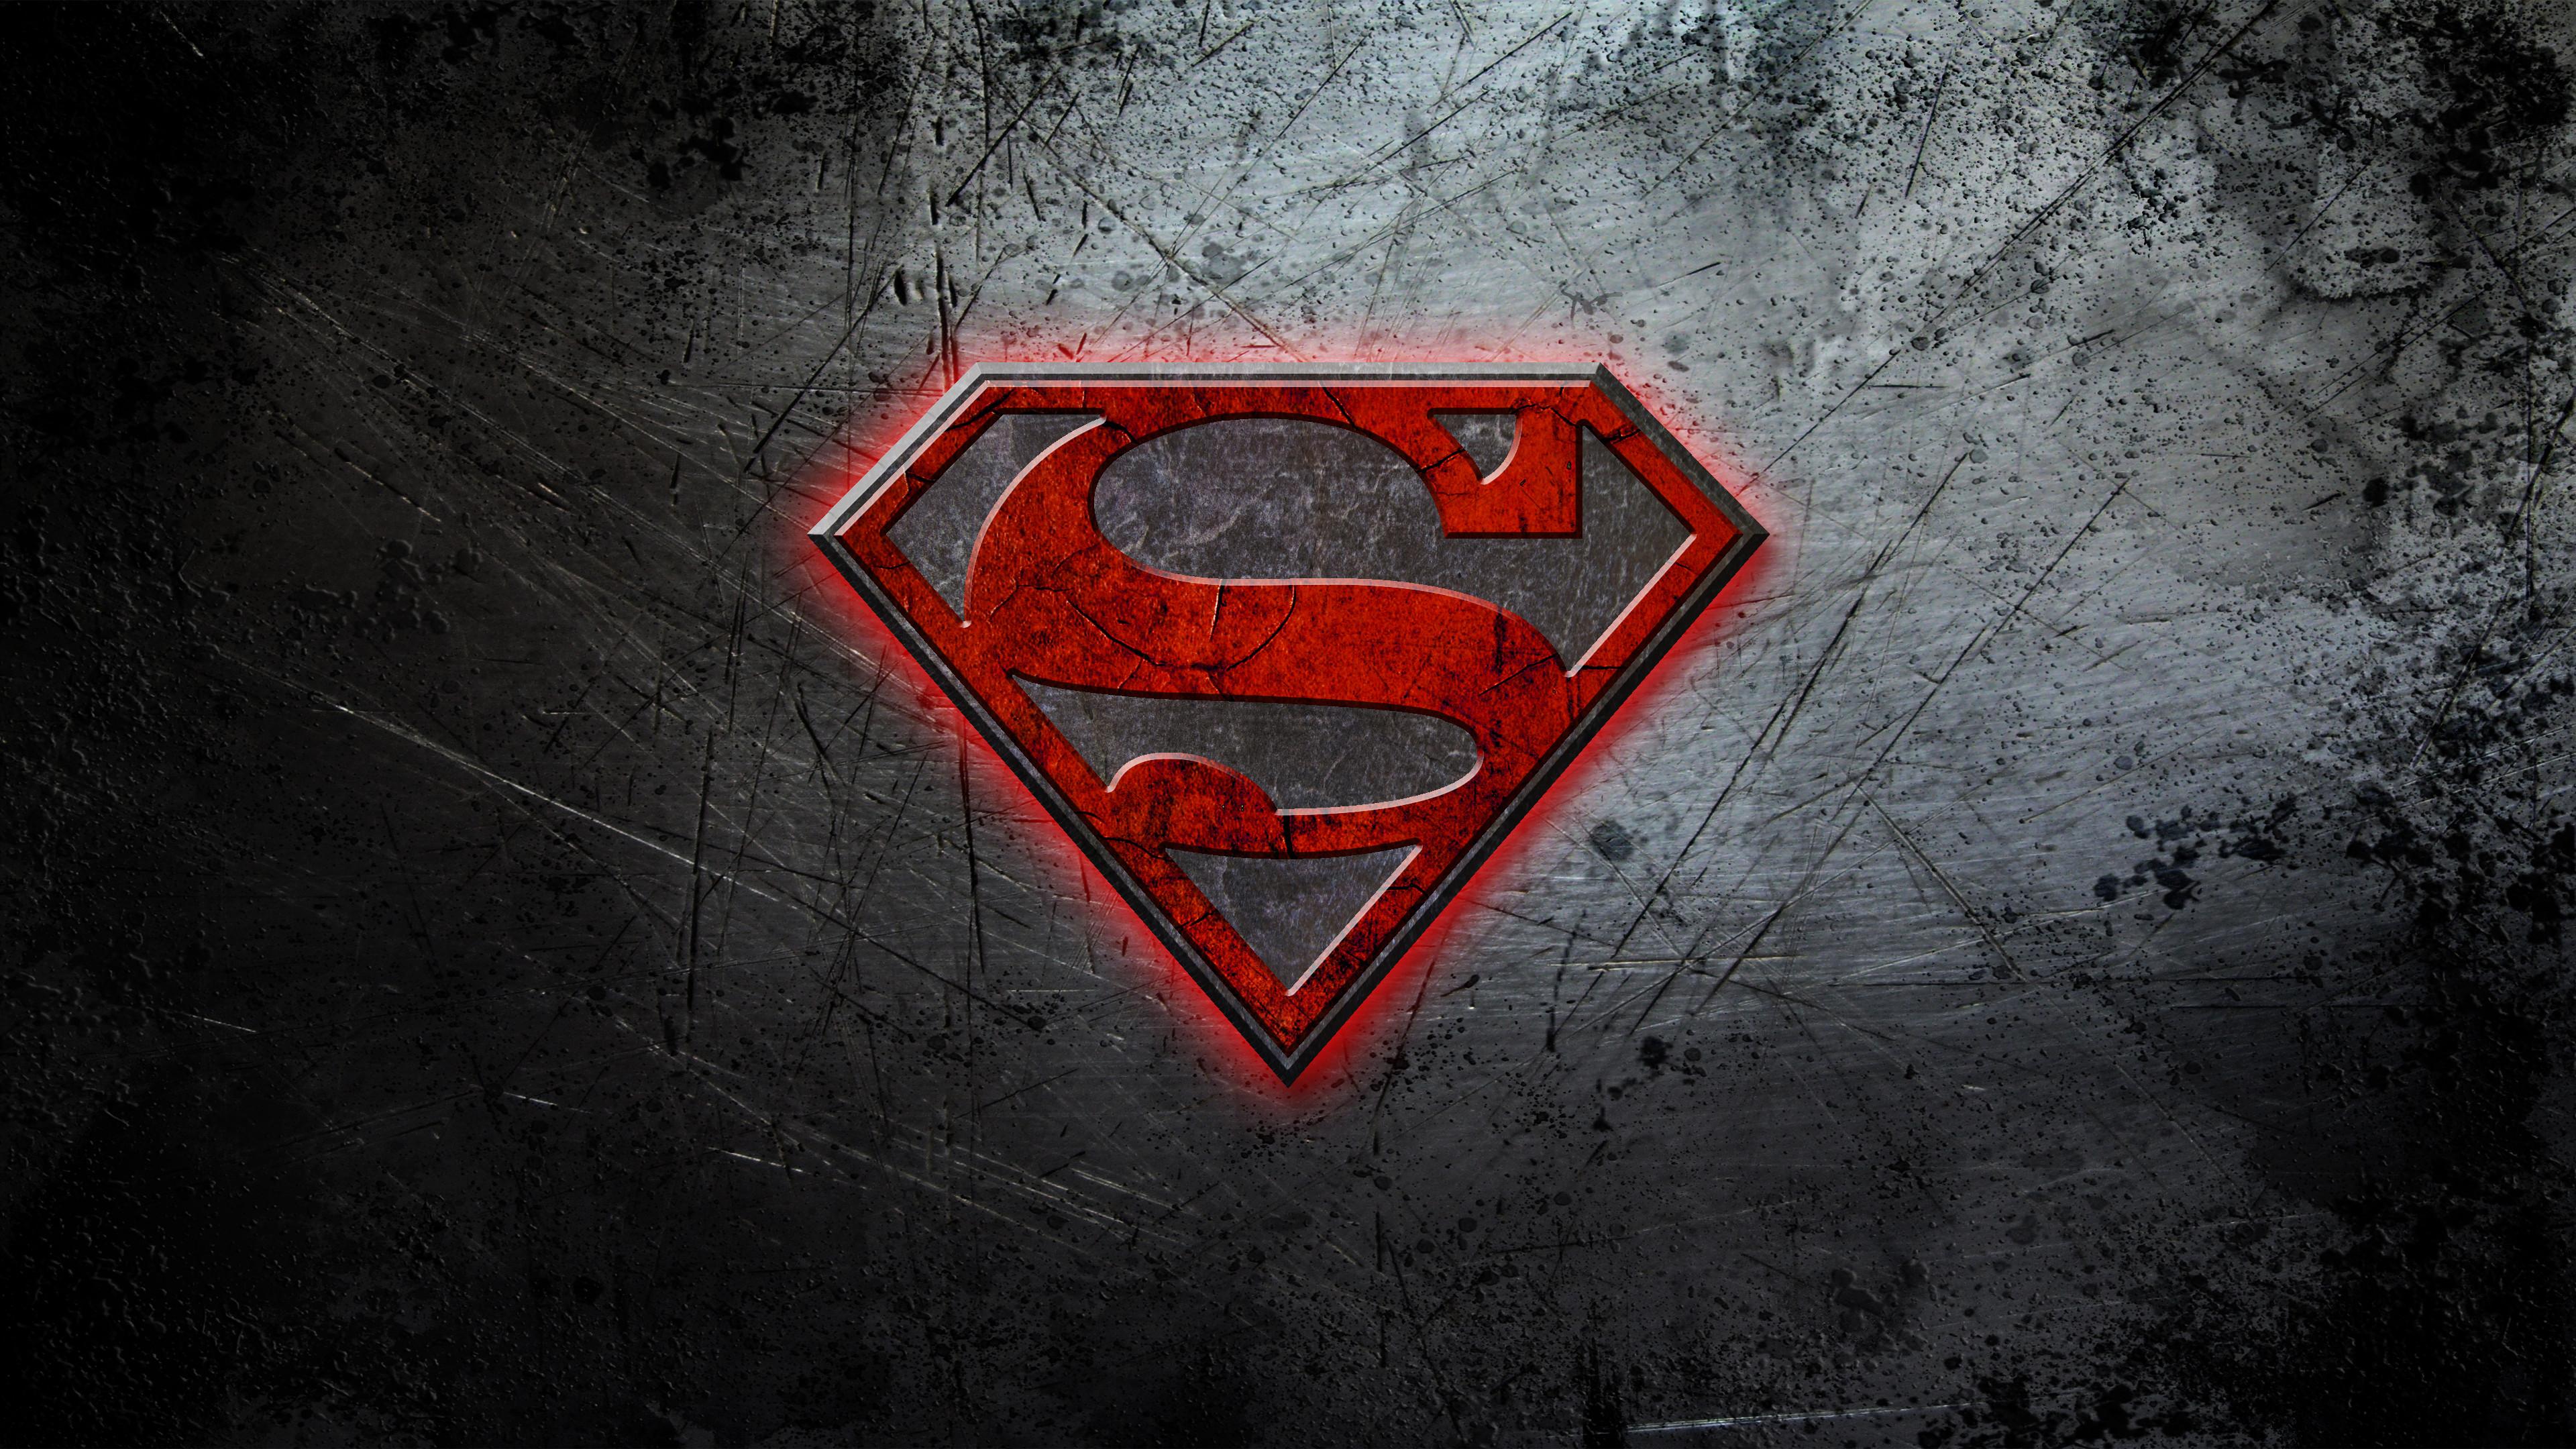 Superman Computer Wallpapers Desktop Backgrounds 38402160 ID 3840x2160